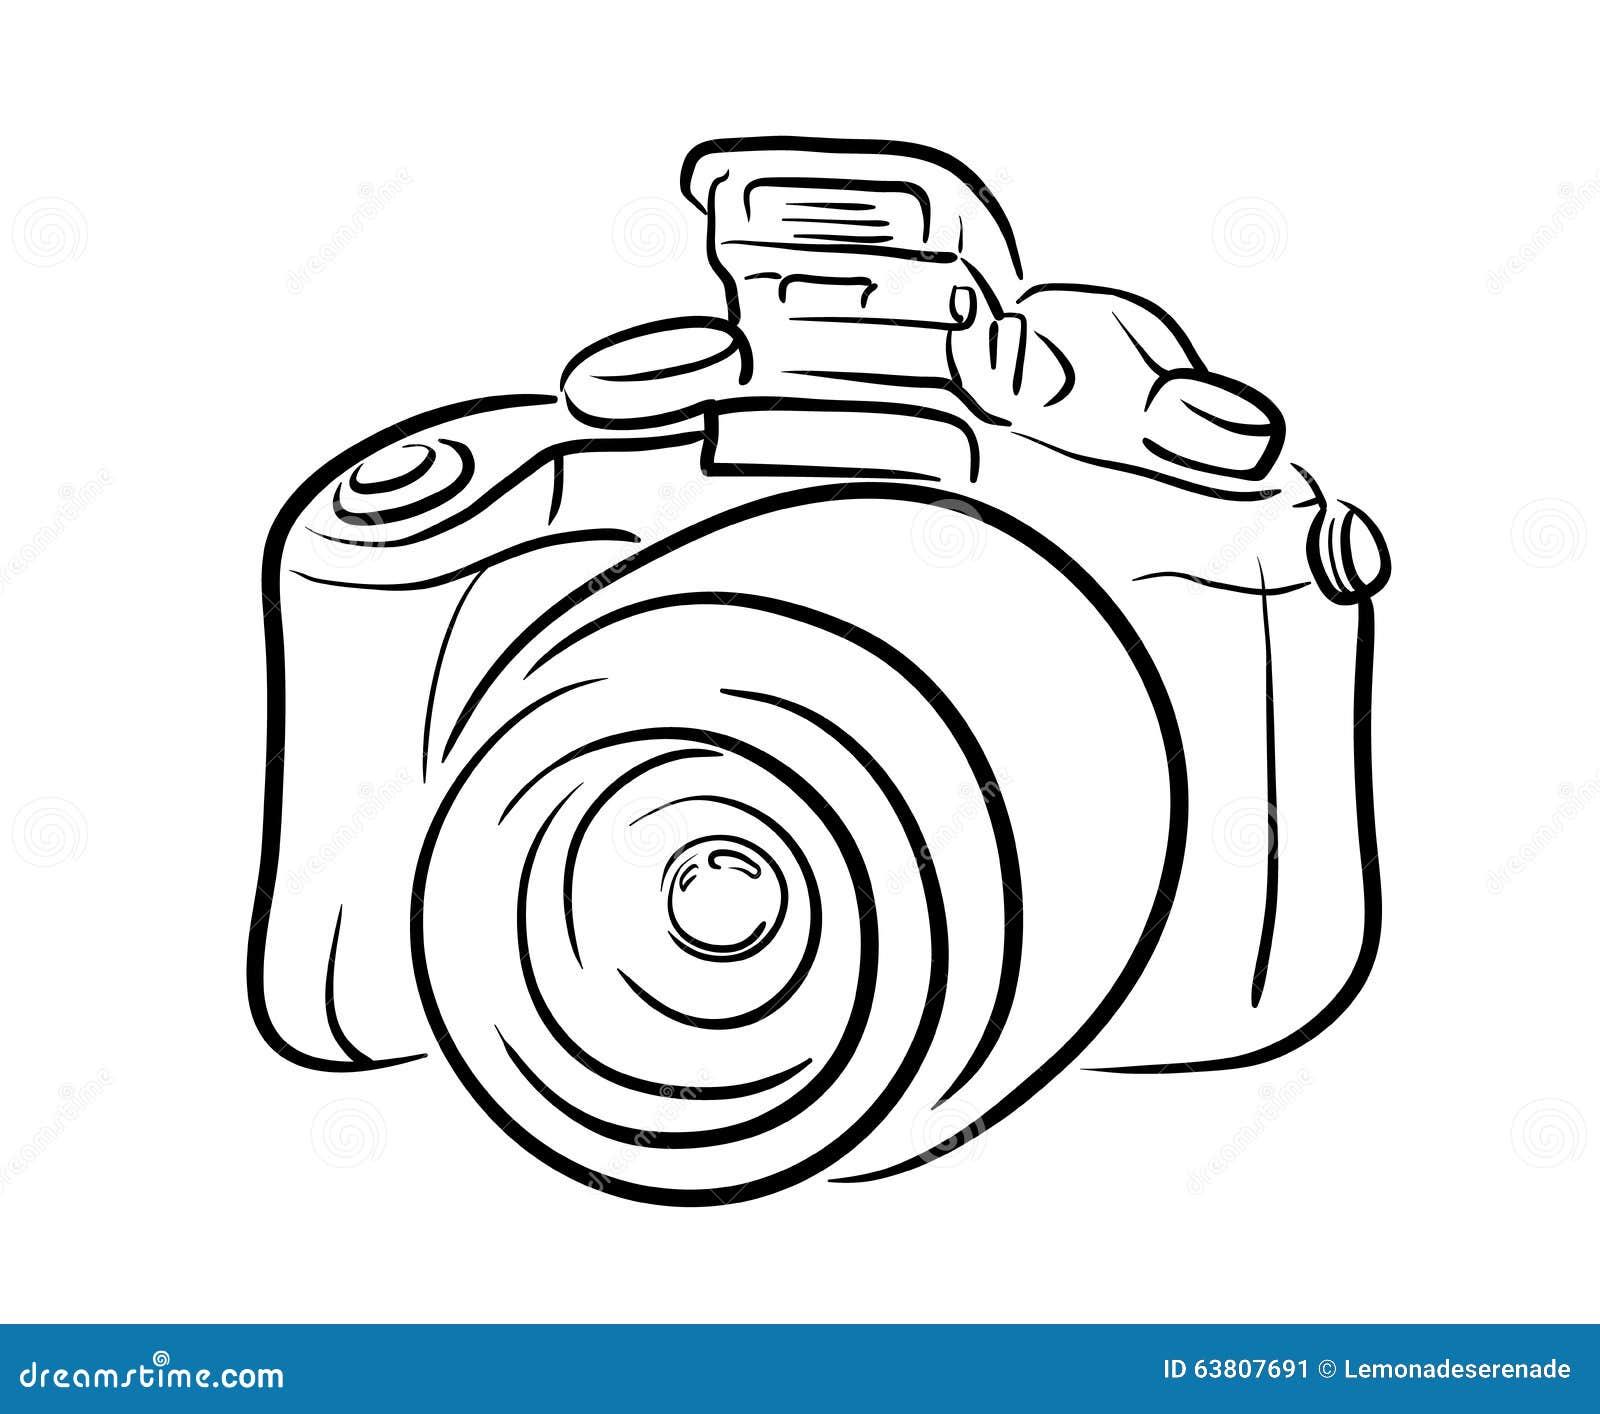 Line Art Vector Illustrator : Dslr camera line art stock vector image